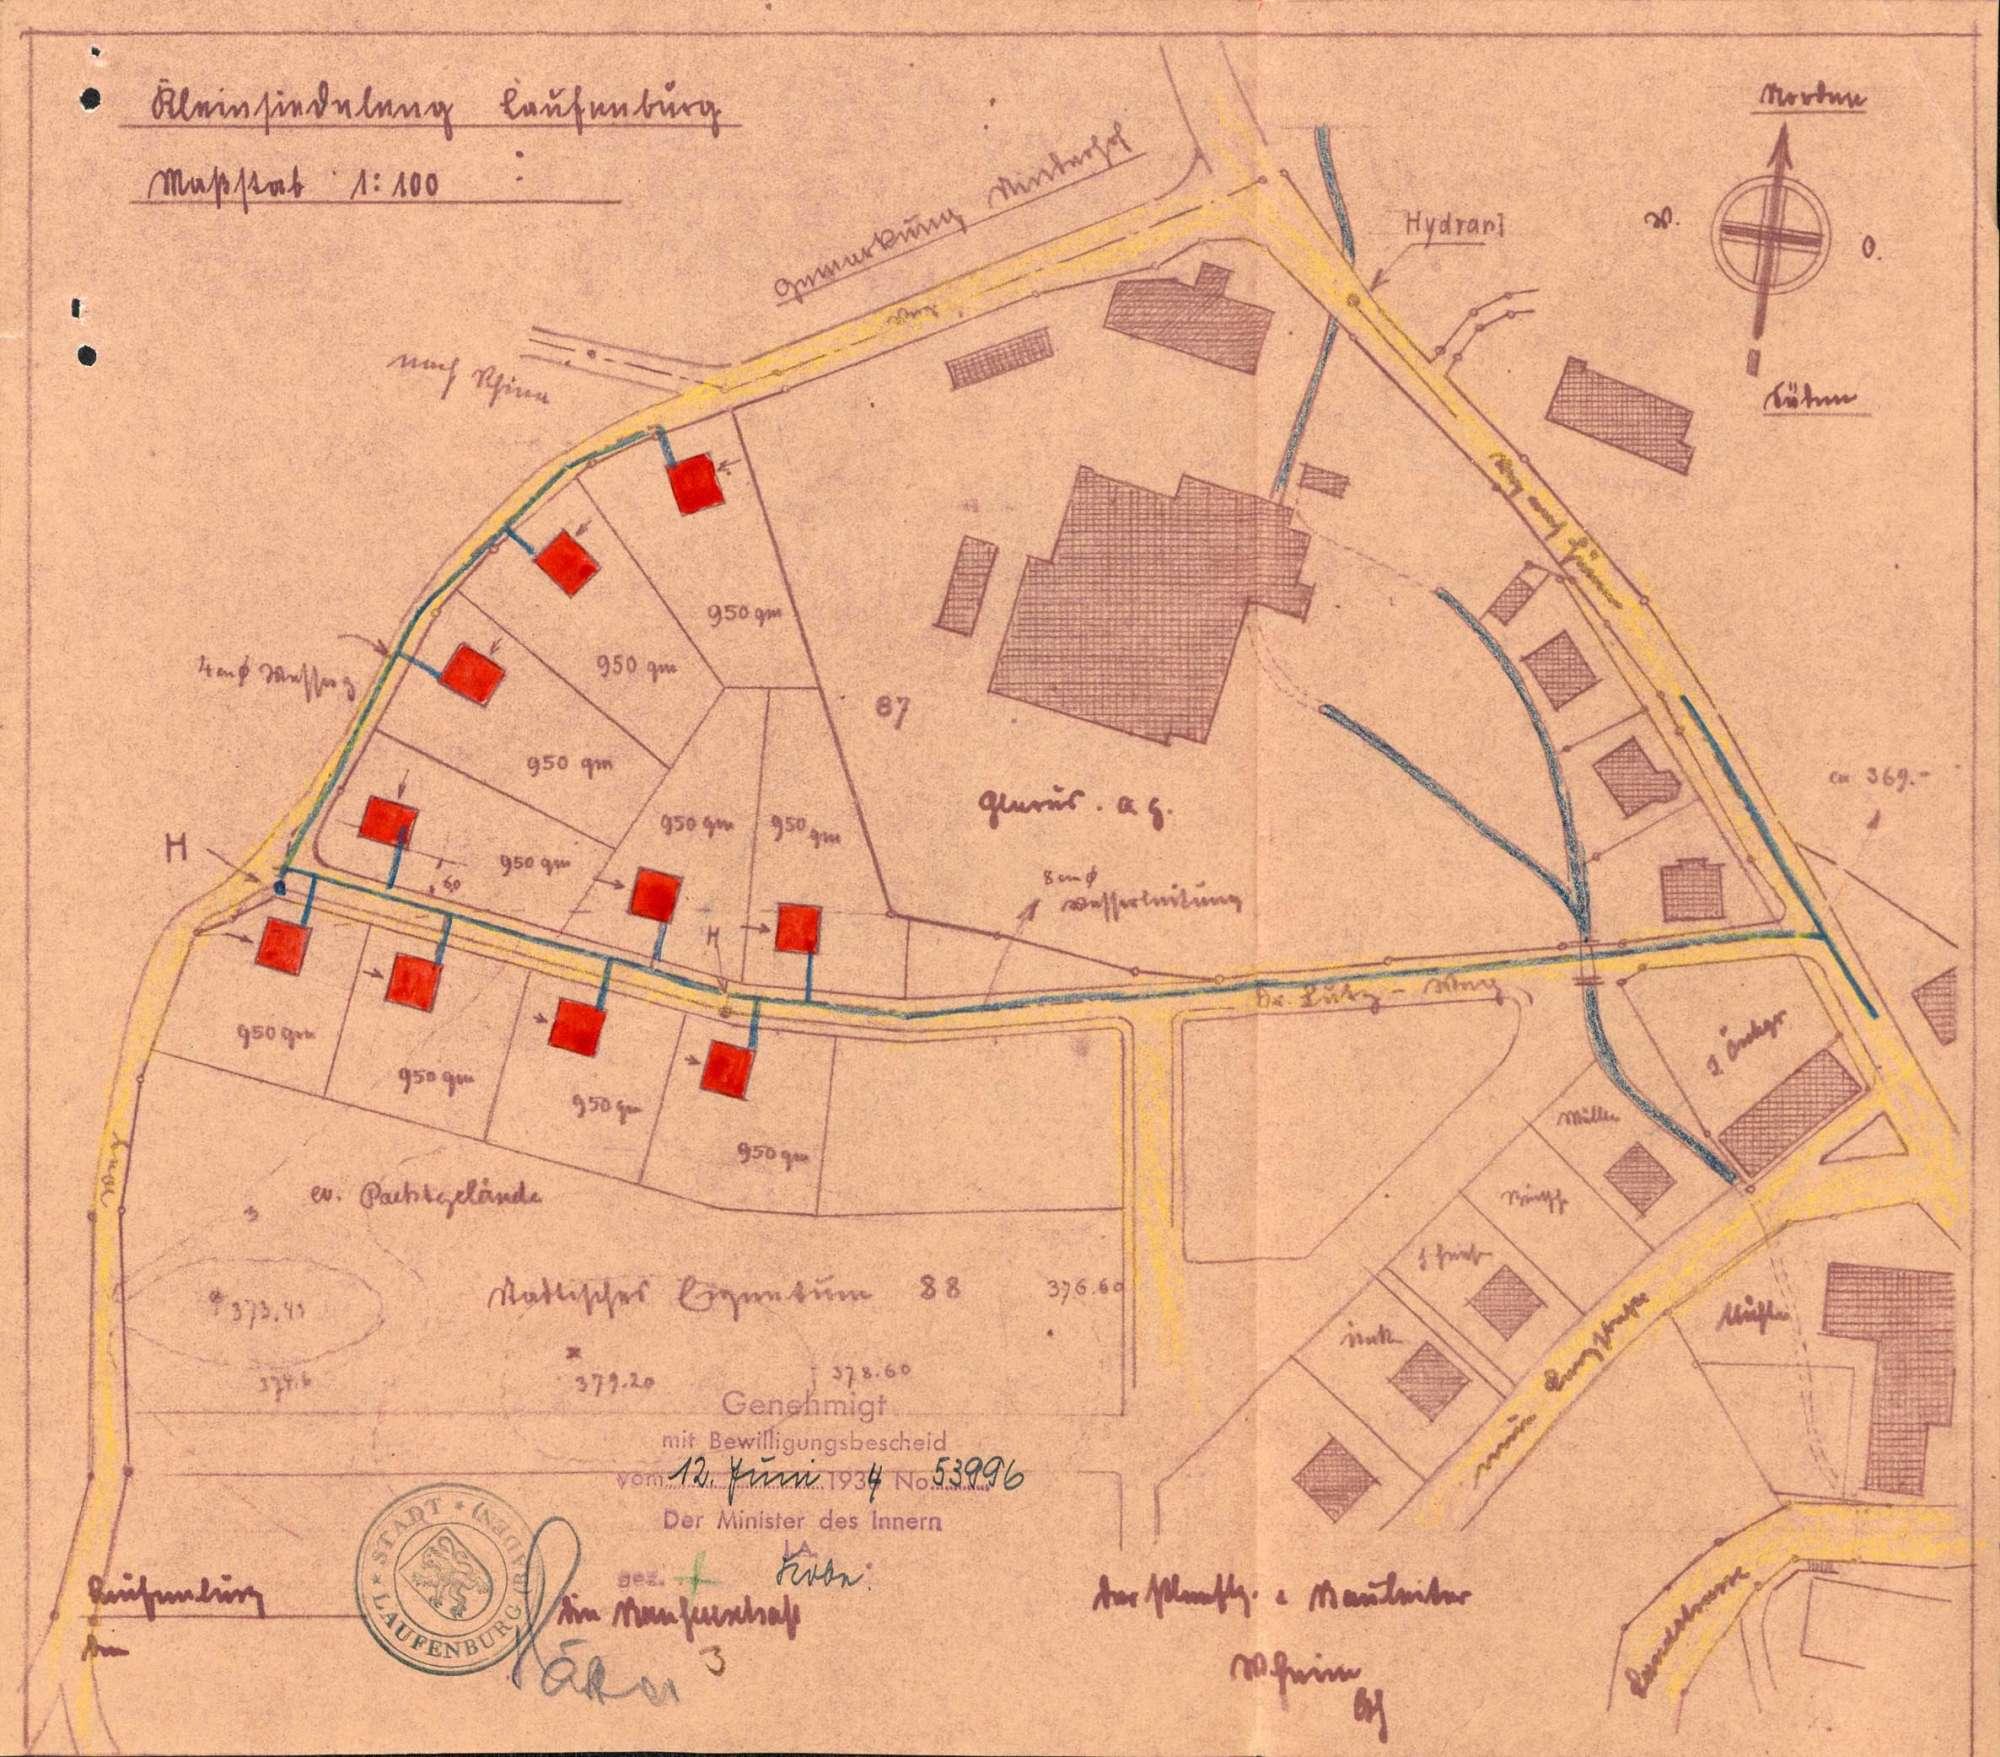 Errichtung einer vorstädtischen Kleinsiedlung durch die Stadt Laufenburg (Baden), Bild 2